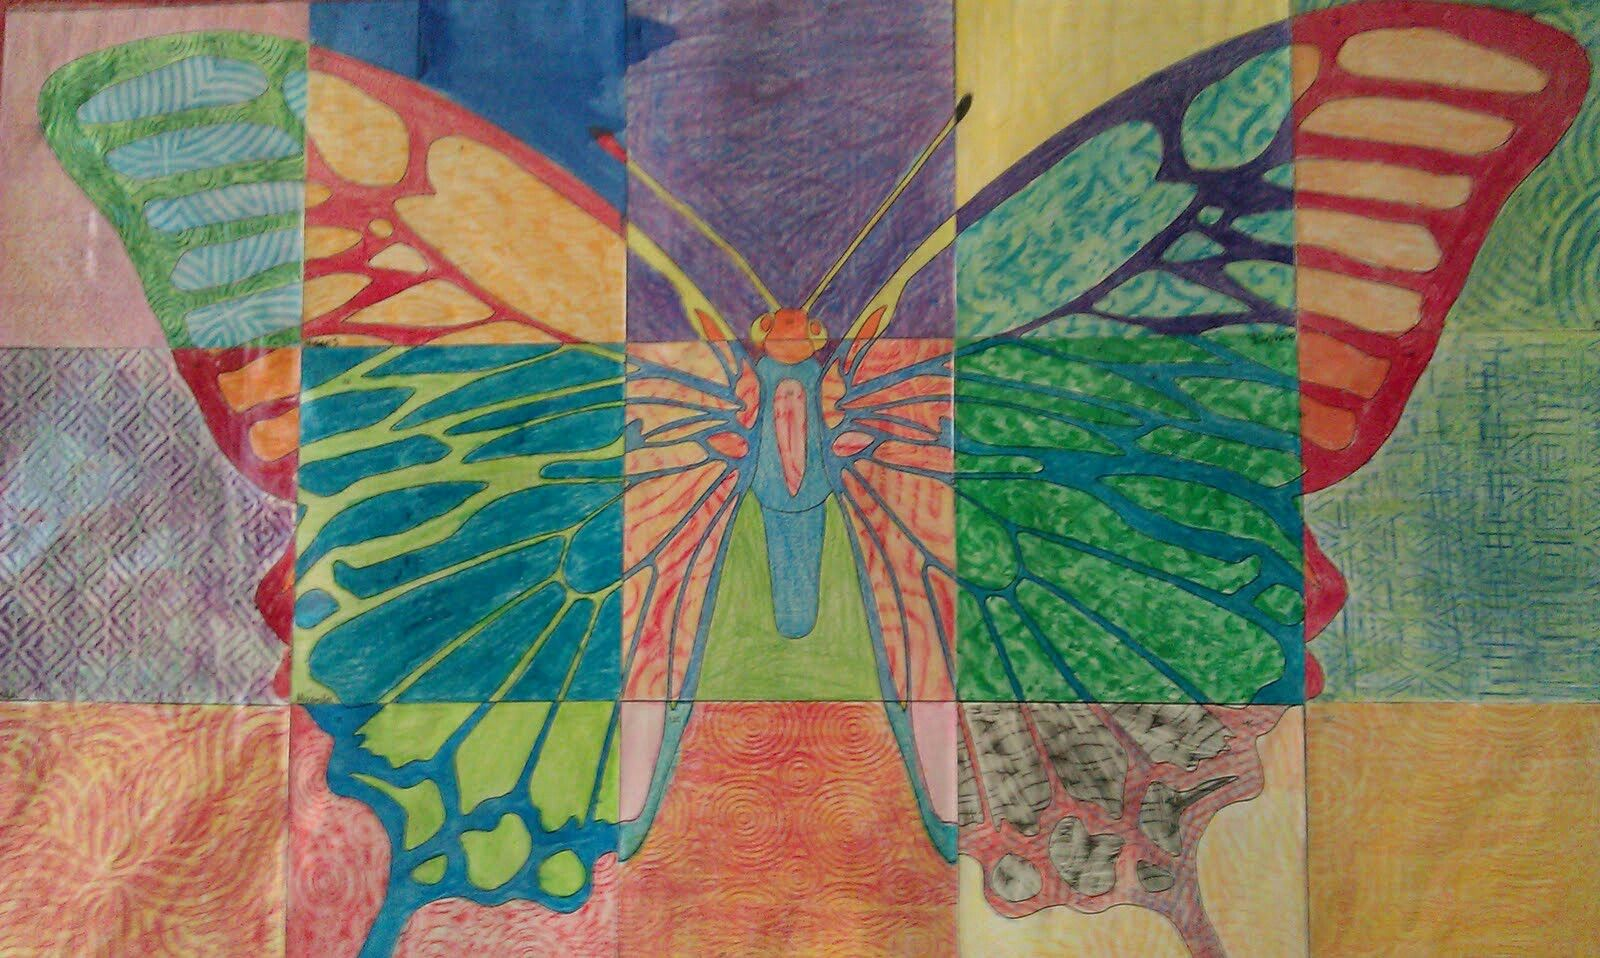 Butterfly mural art